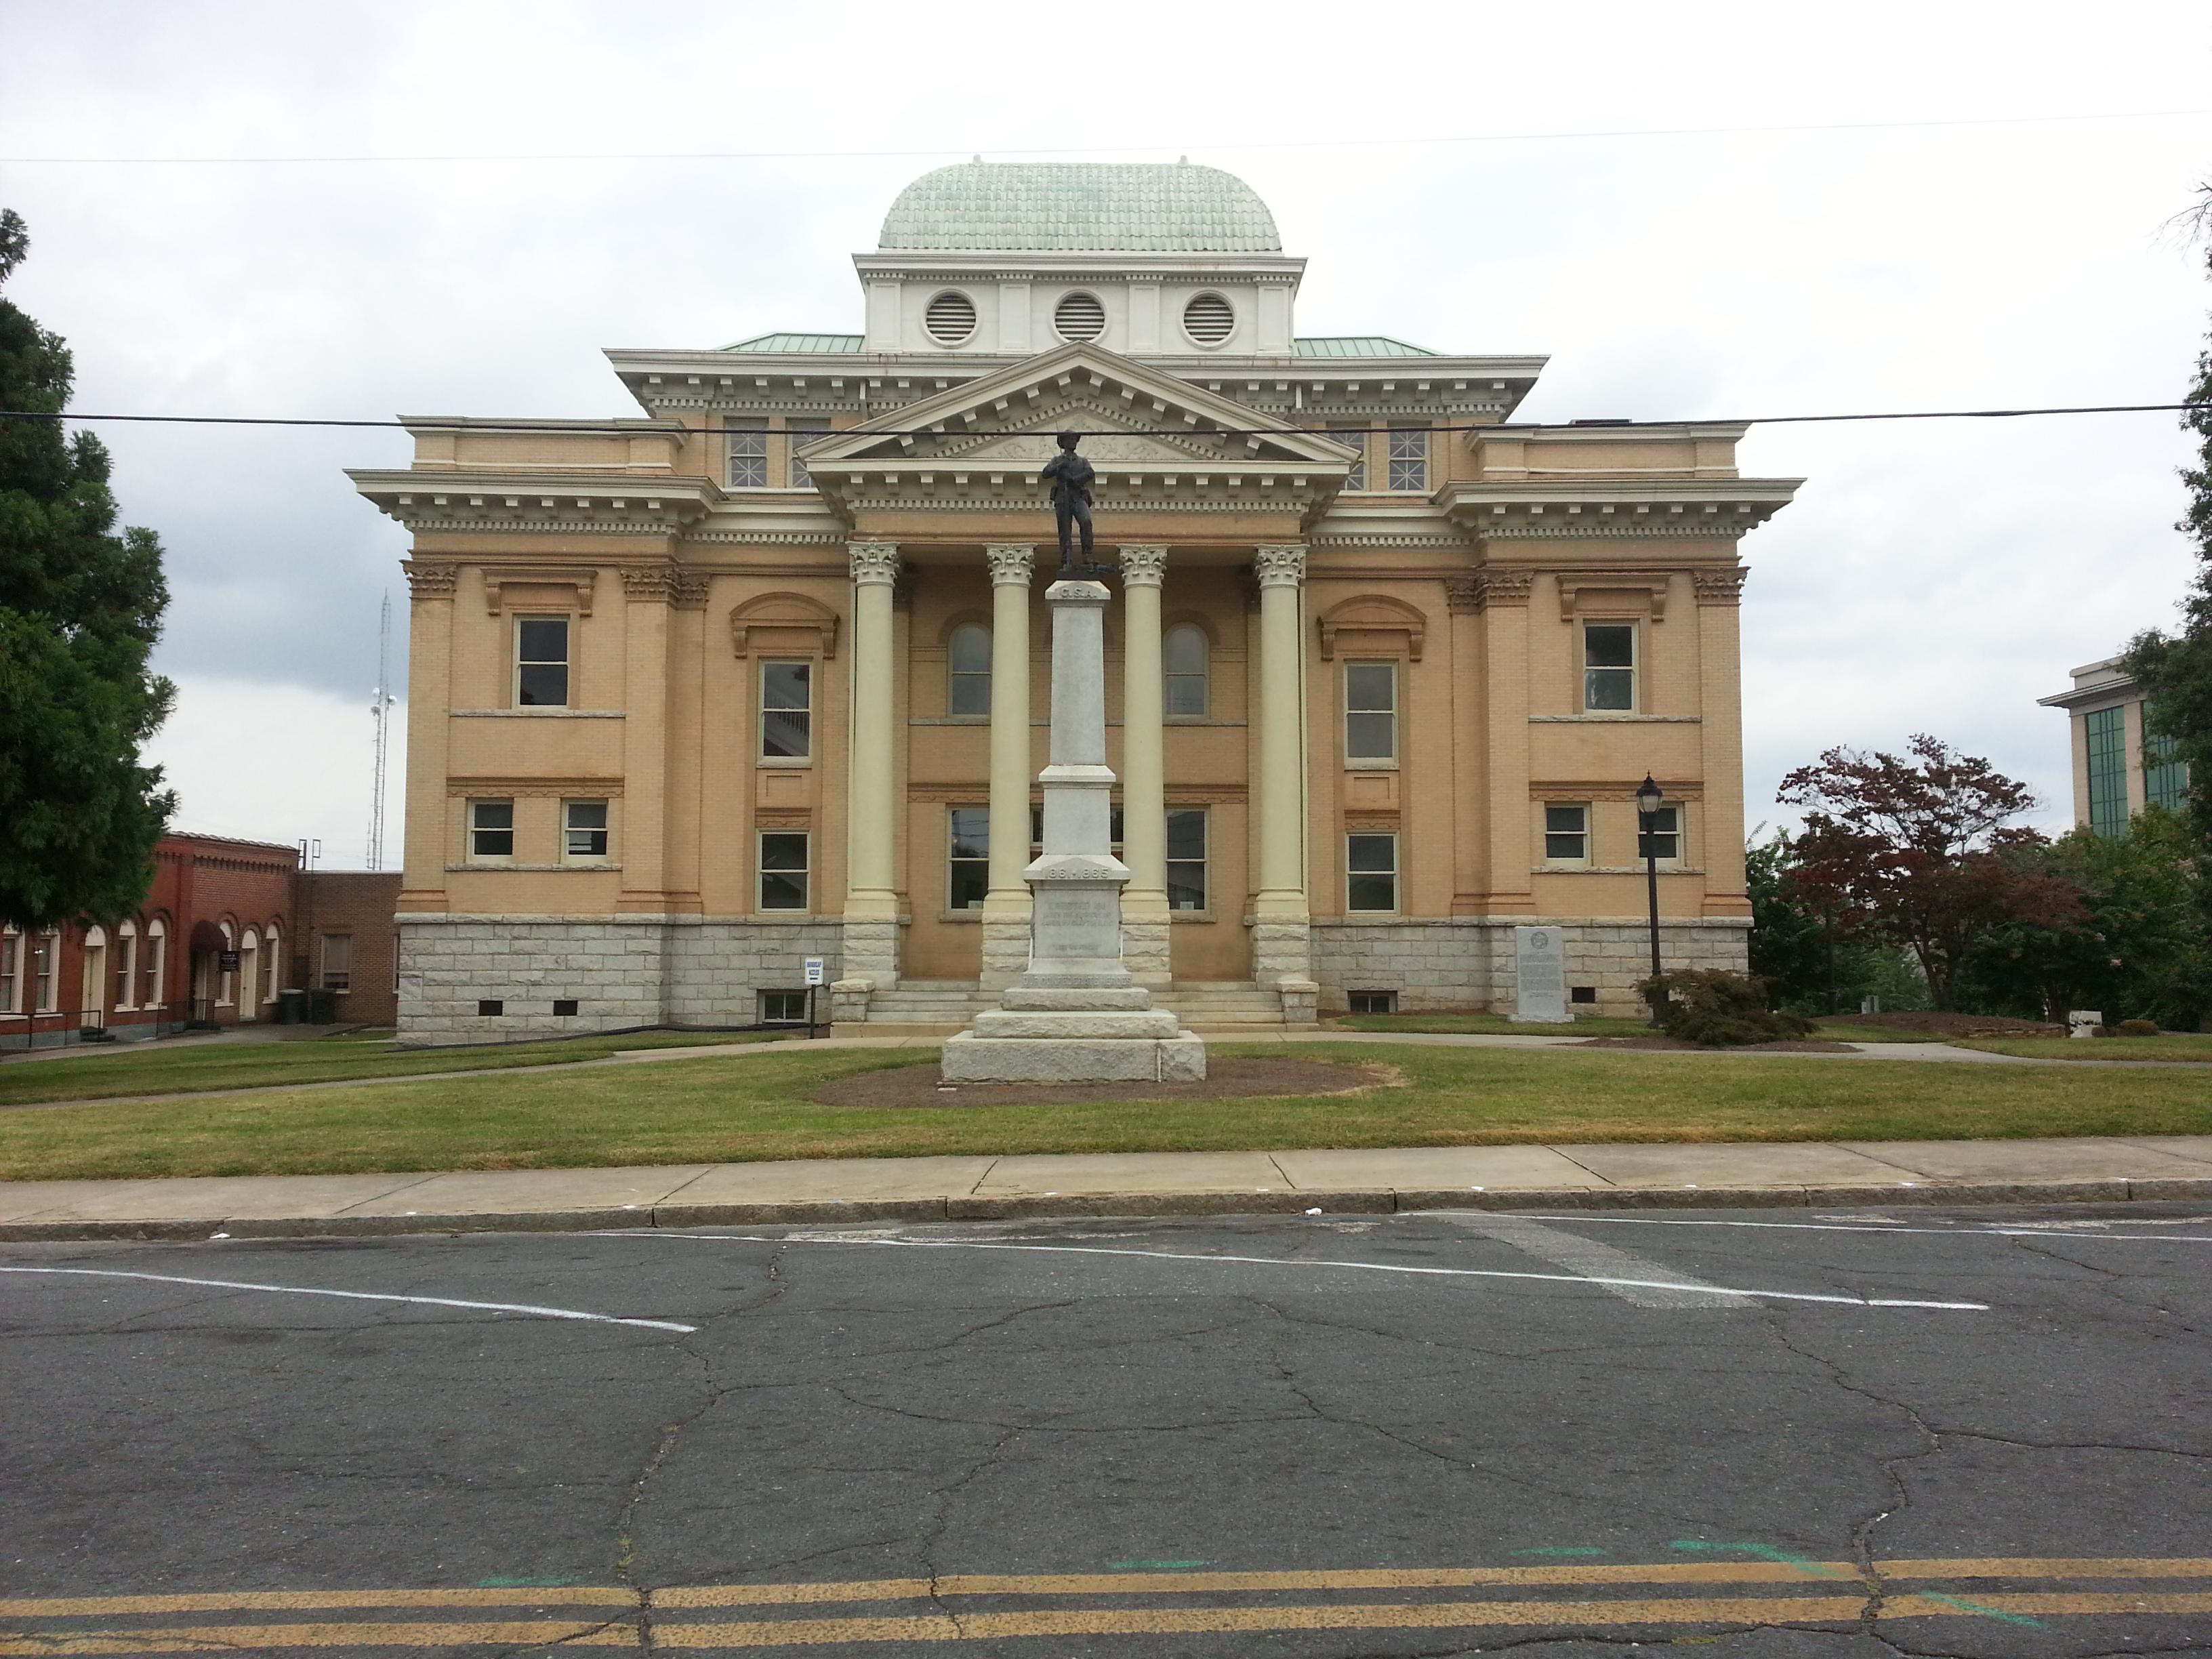 Randolph County Courthouse (North Carolina) - Wikipedia